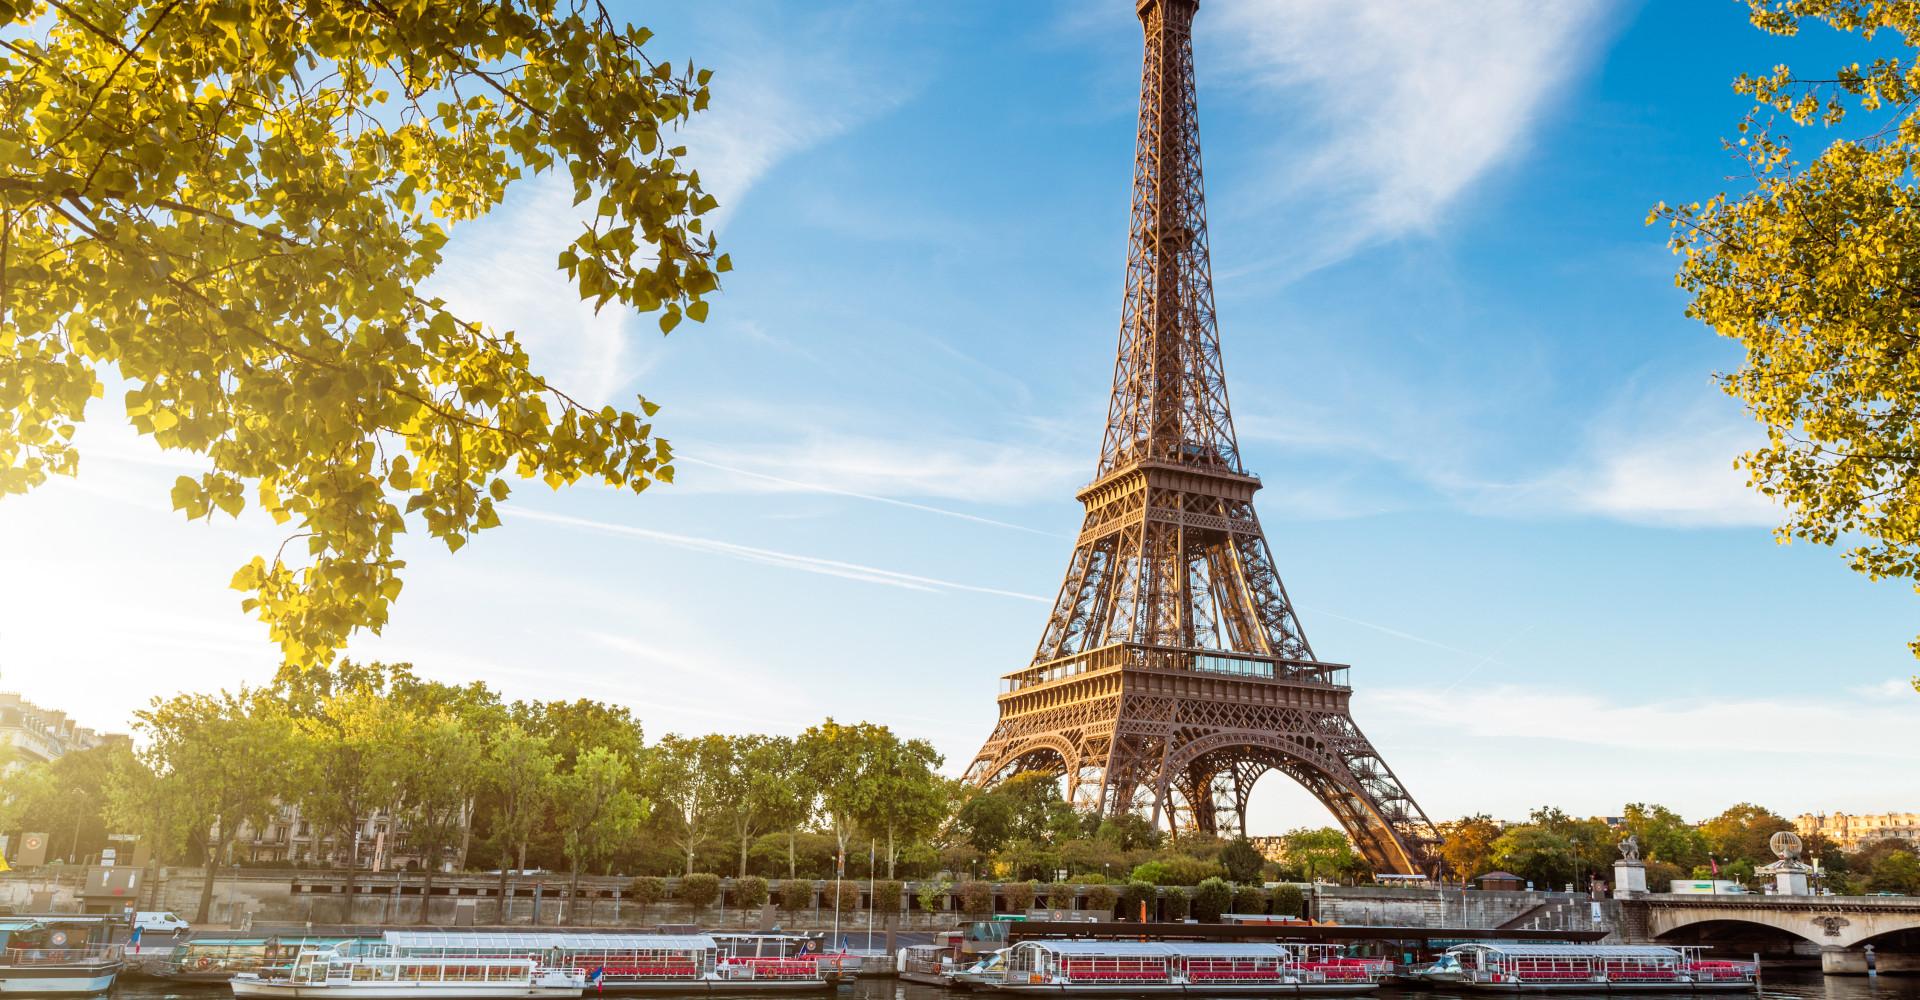 알고 여행하기! 사진으로 보는 에펠탑의 역사